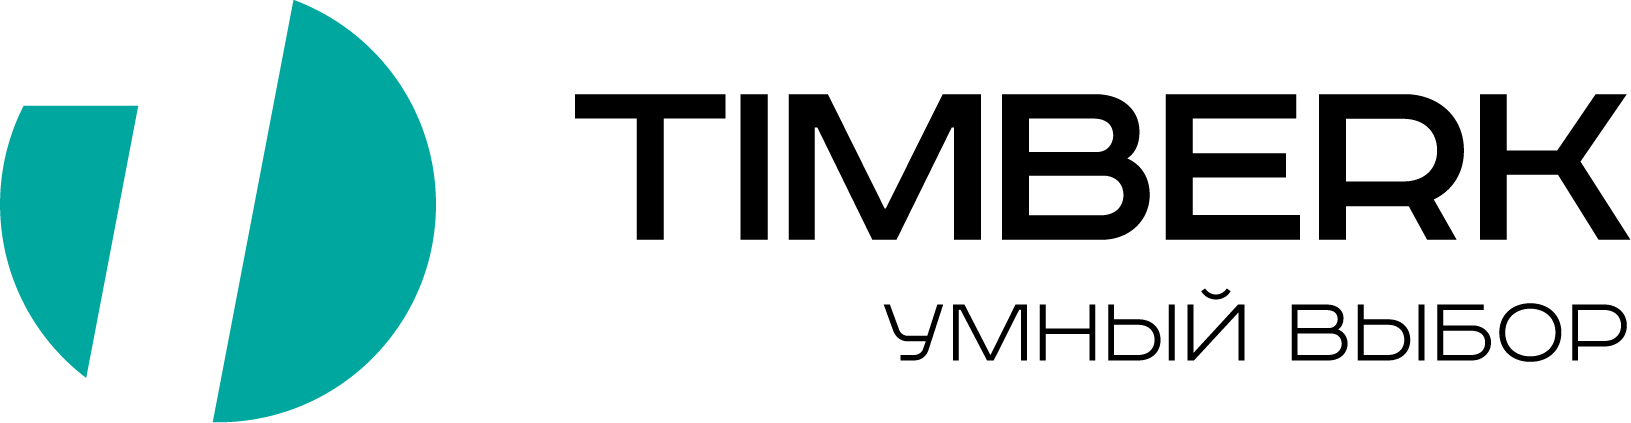 Очистители воздуха Timberk